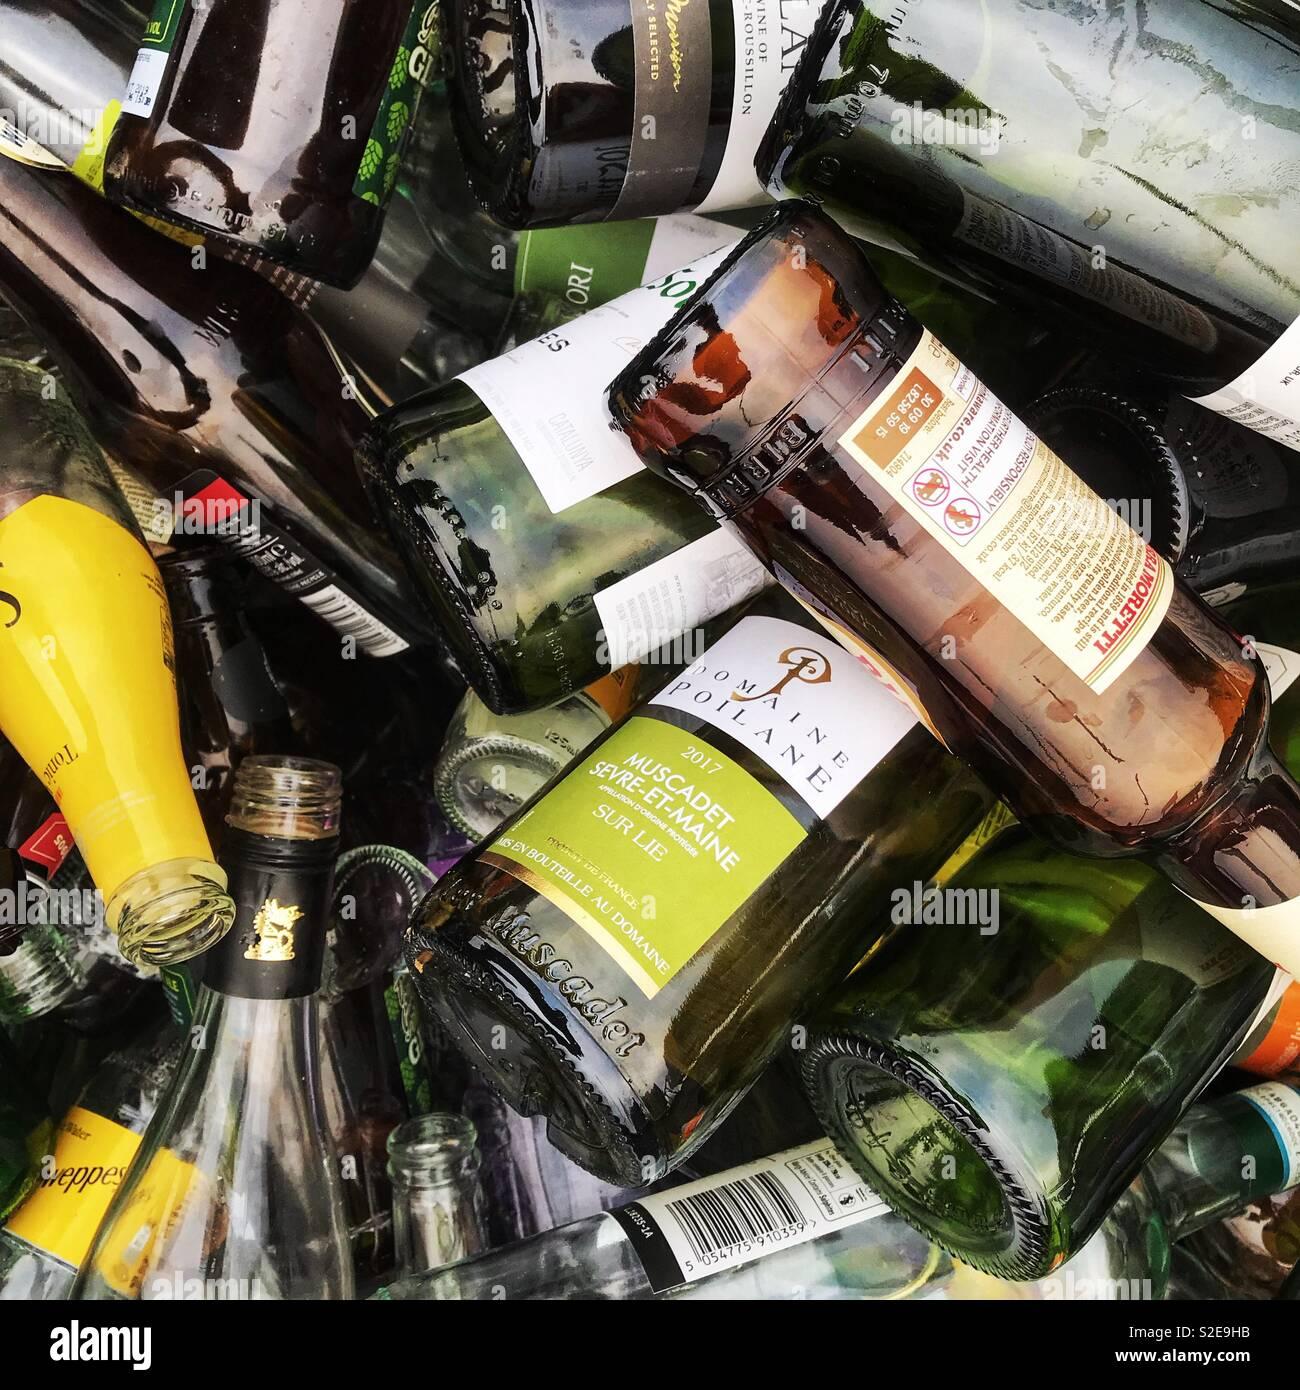 Glass recycling bottle bank full of bottles in UK - Stock Image